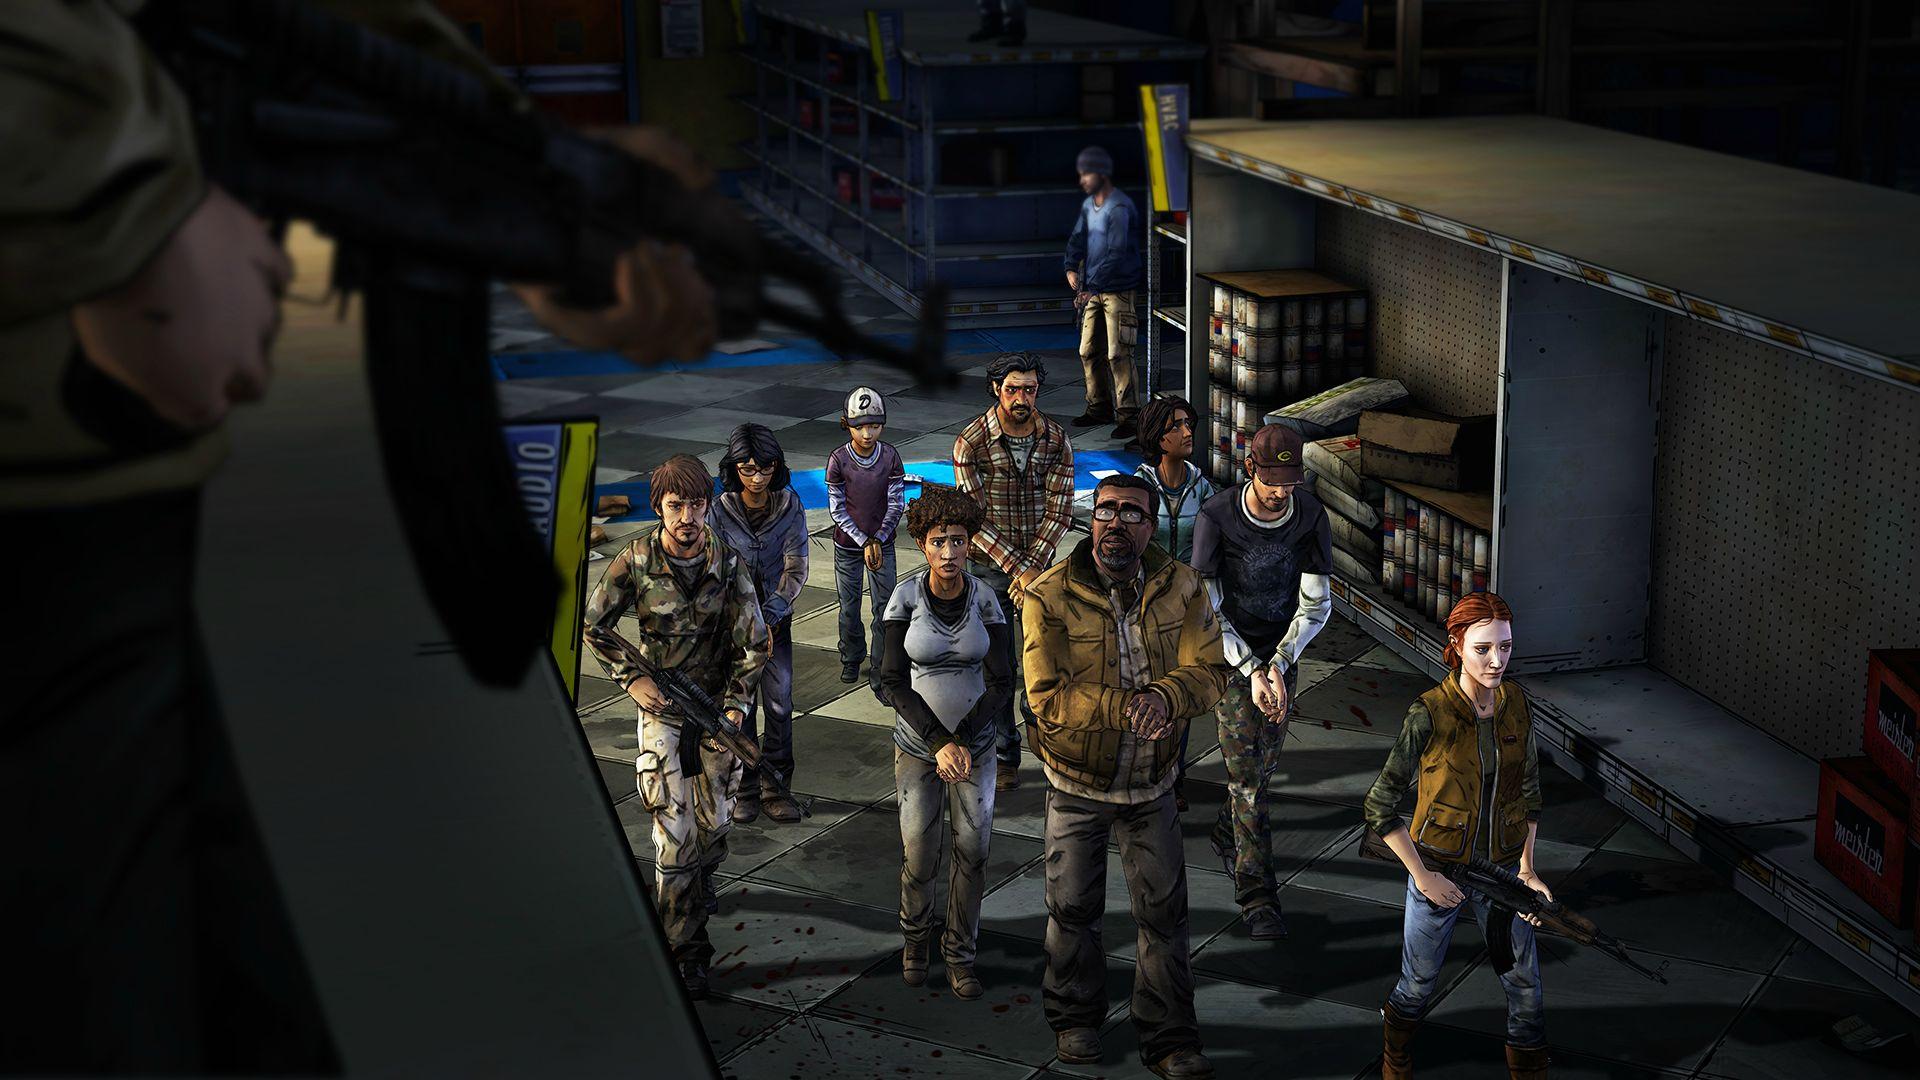 будет ли продолжение игры the walking dead: